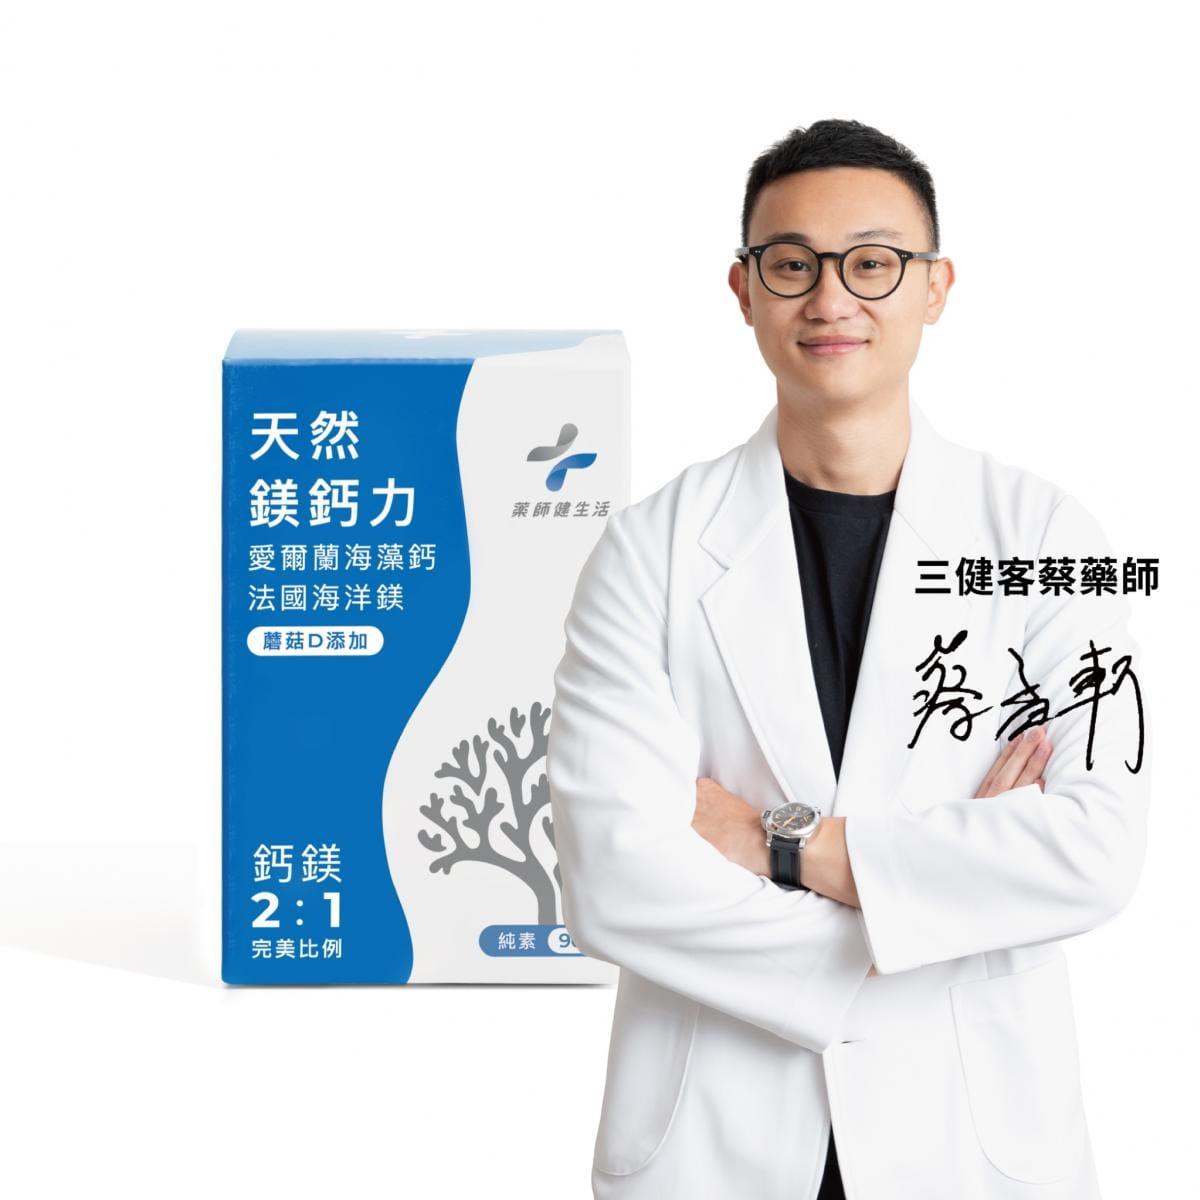 【藥師健生活】 天然鎂鈣力 90顆/盒 (純素)